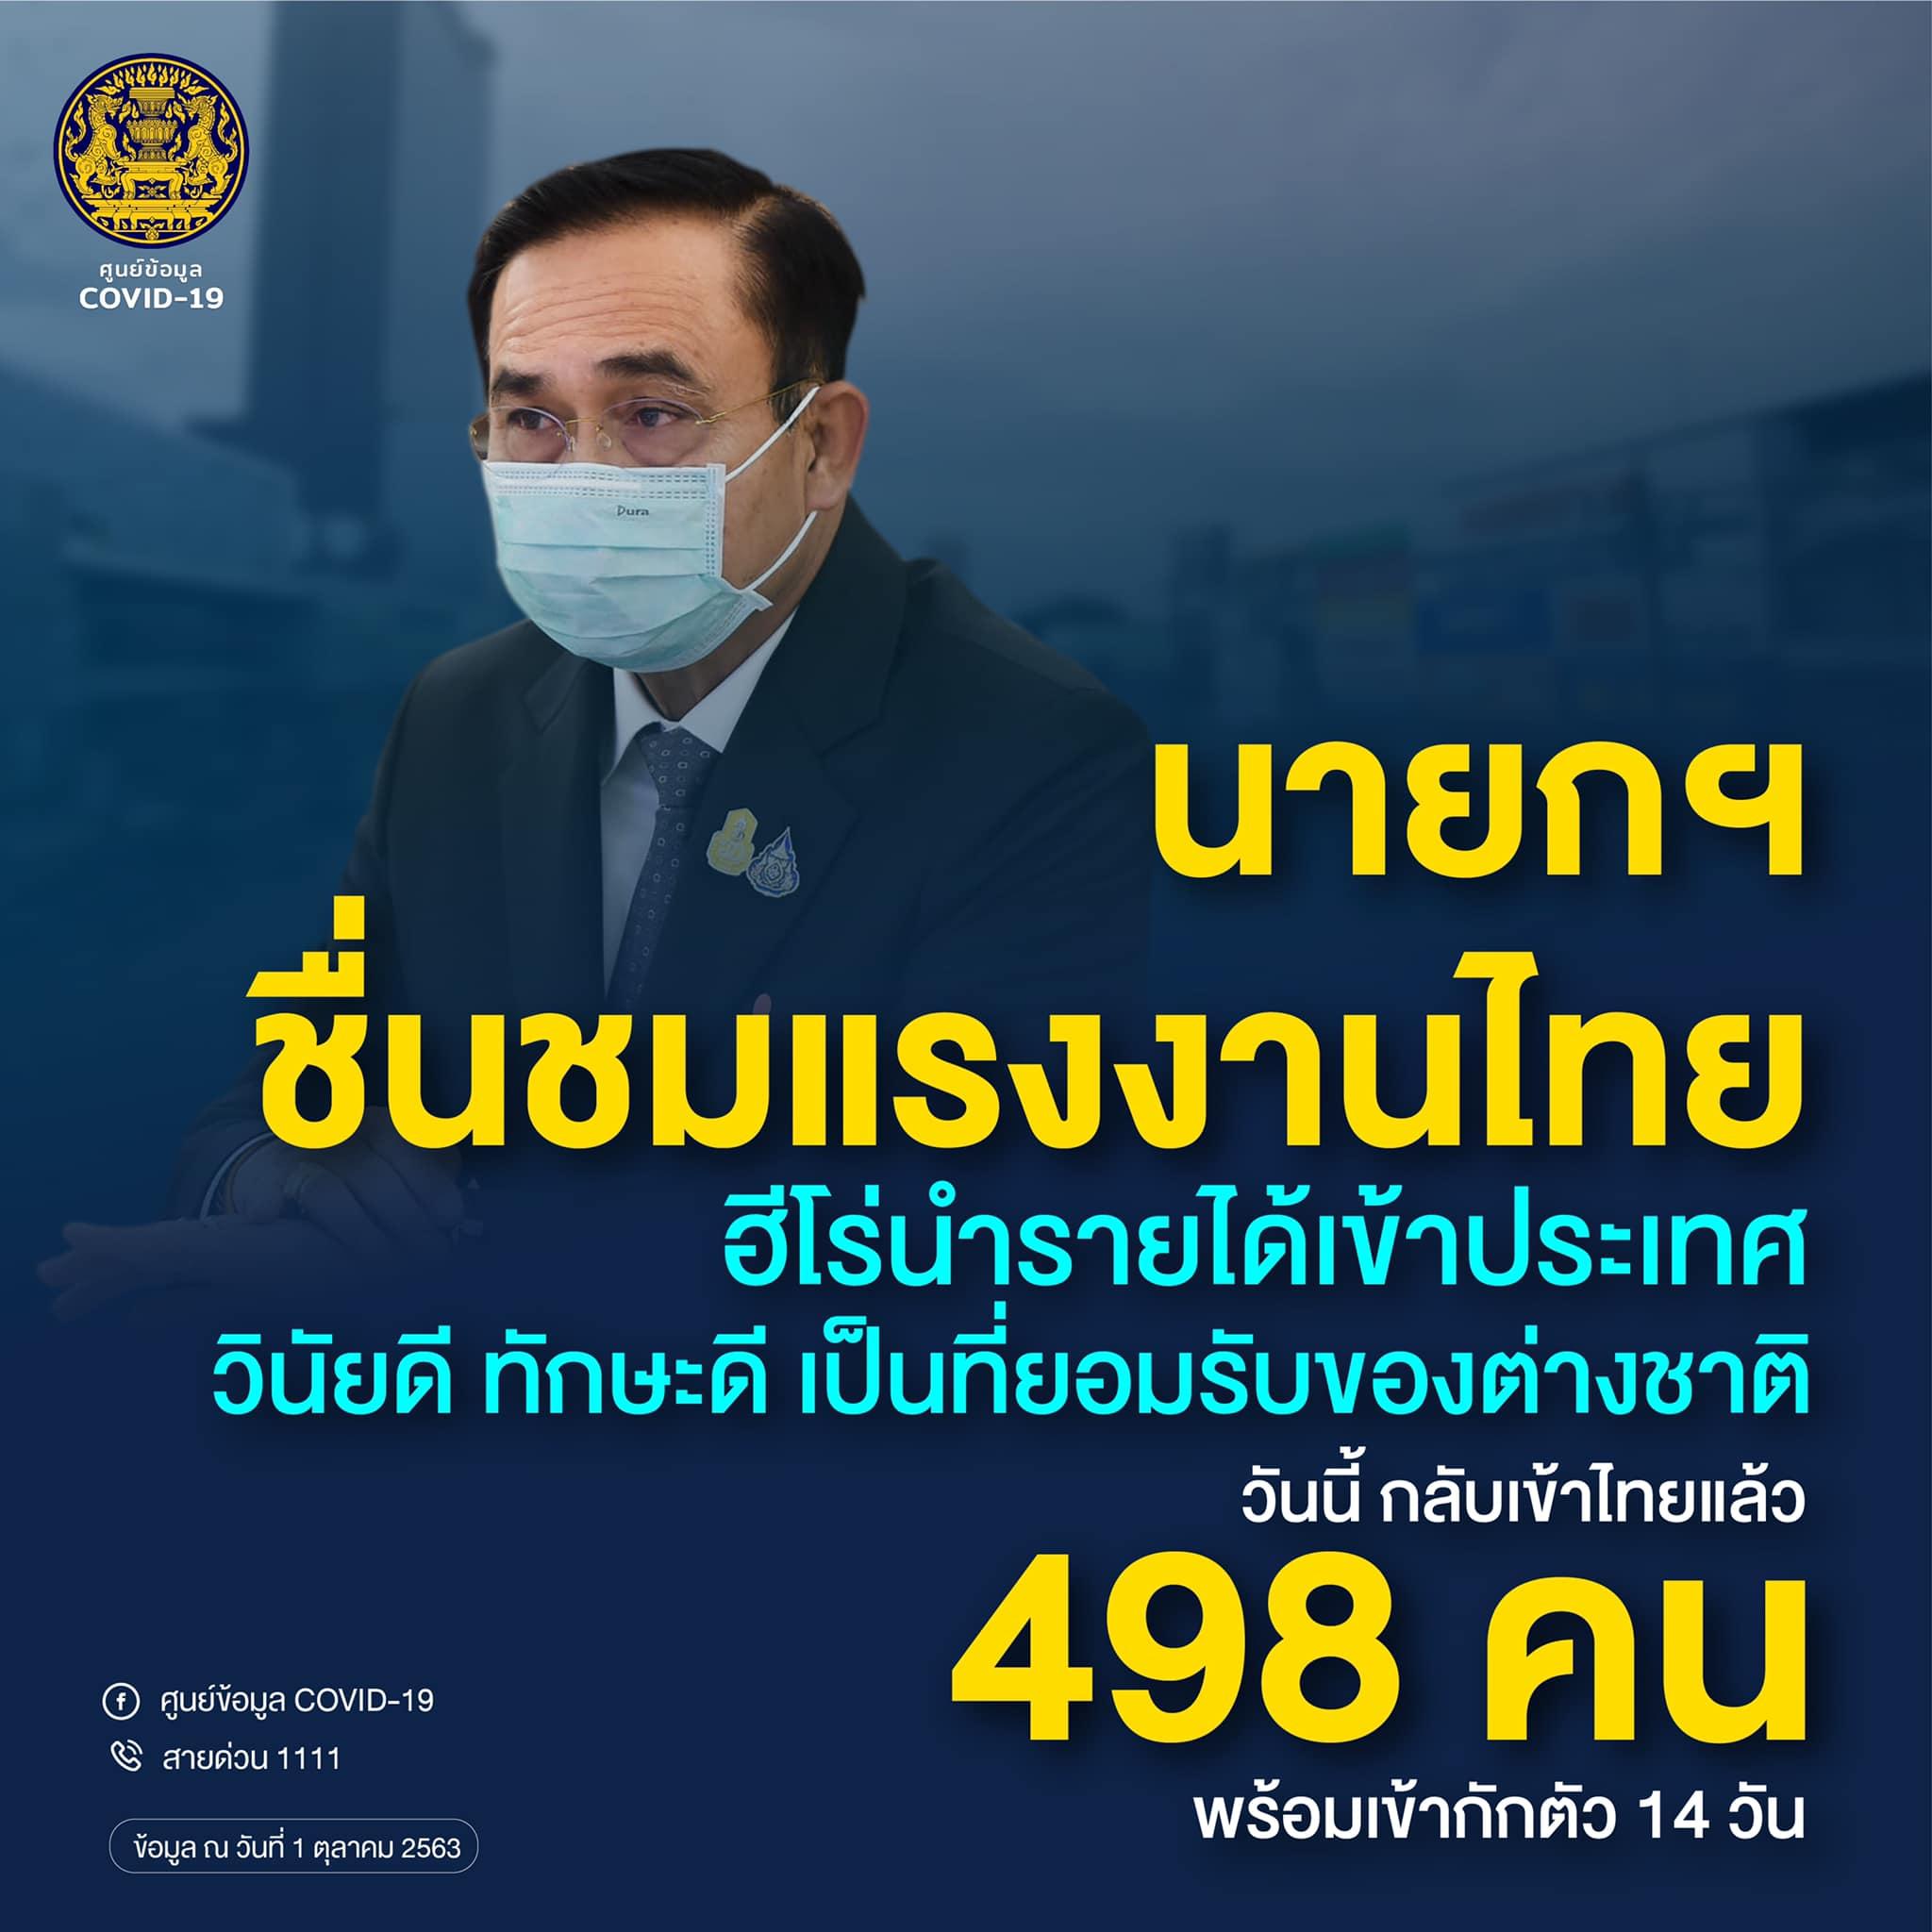 นายกชื่นชมแรงงานไทย ฮีโร่นำรายได้เข้าประเทศ วินัยดี ทักษะดี เป็นที่ยอมรับของต่างชาติ